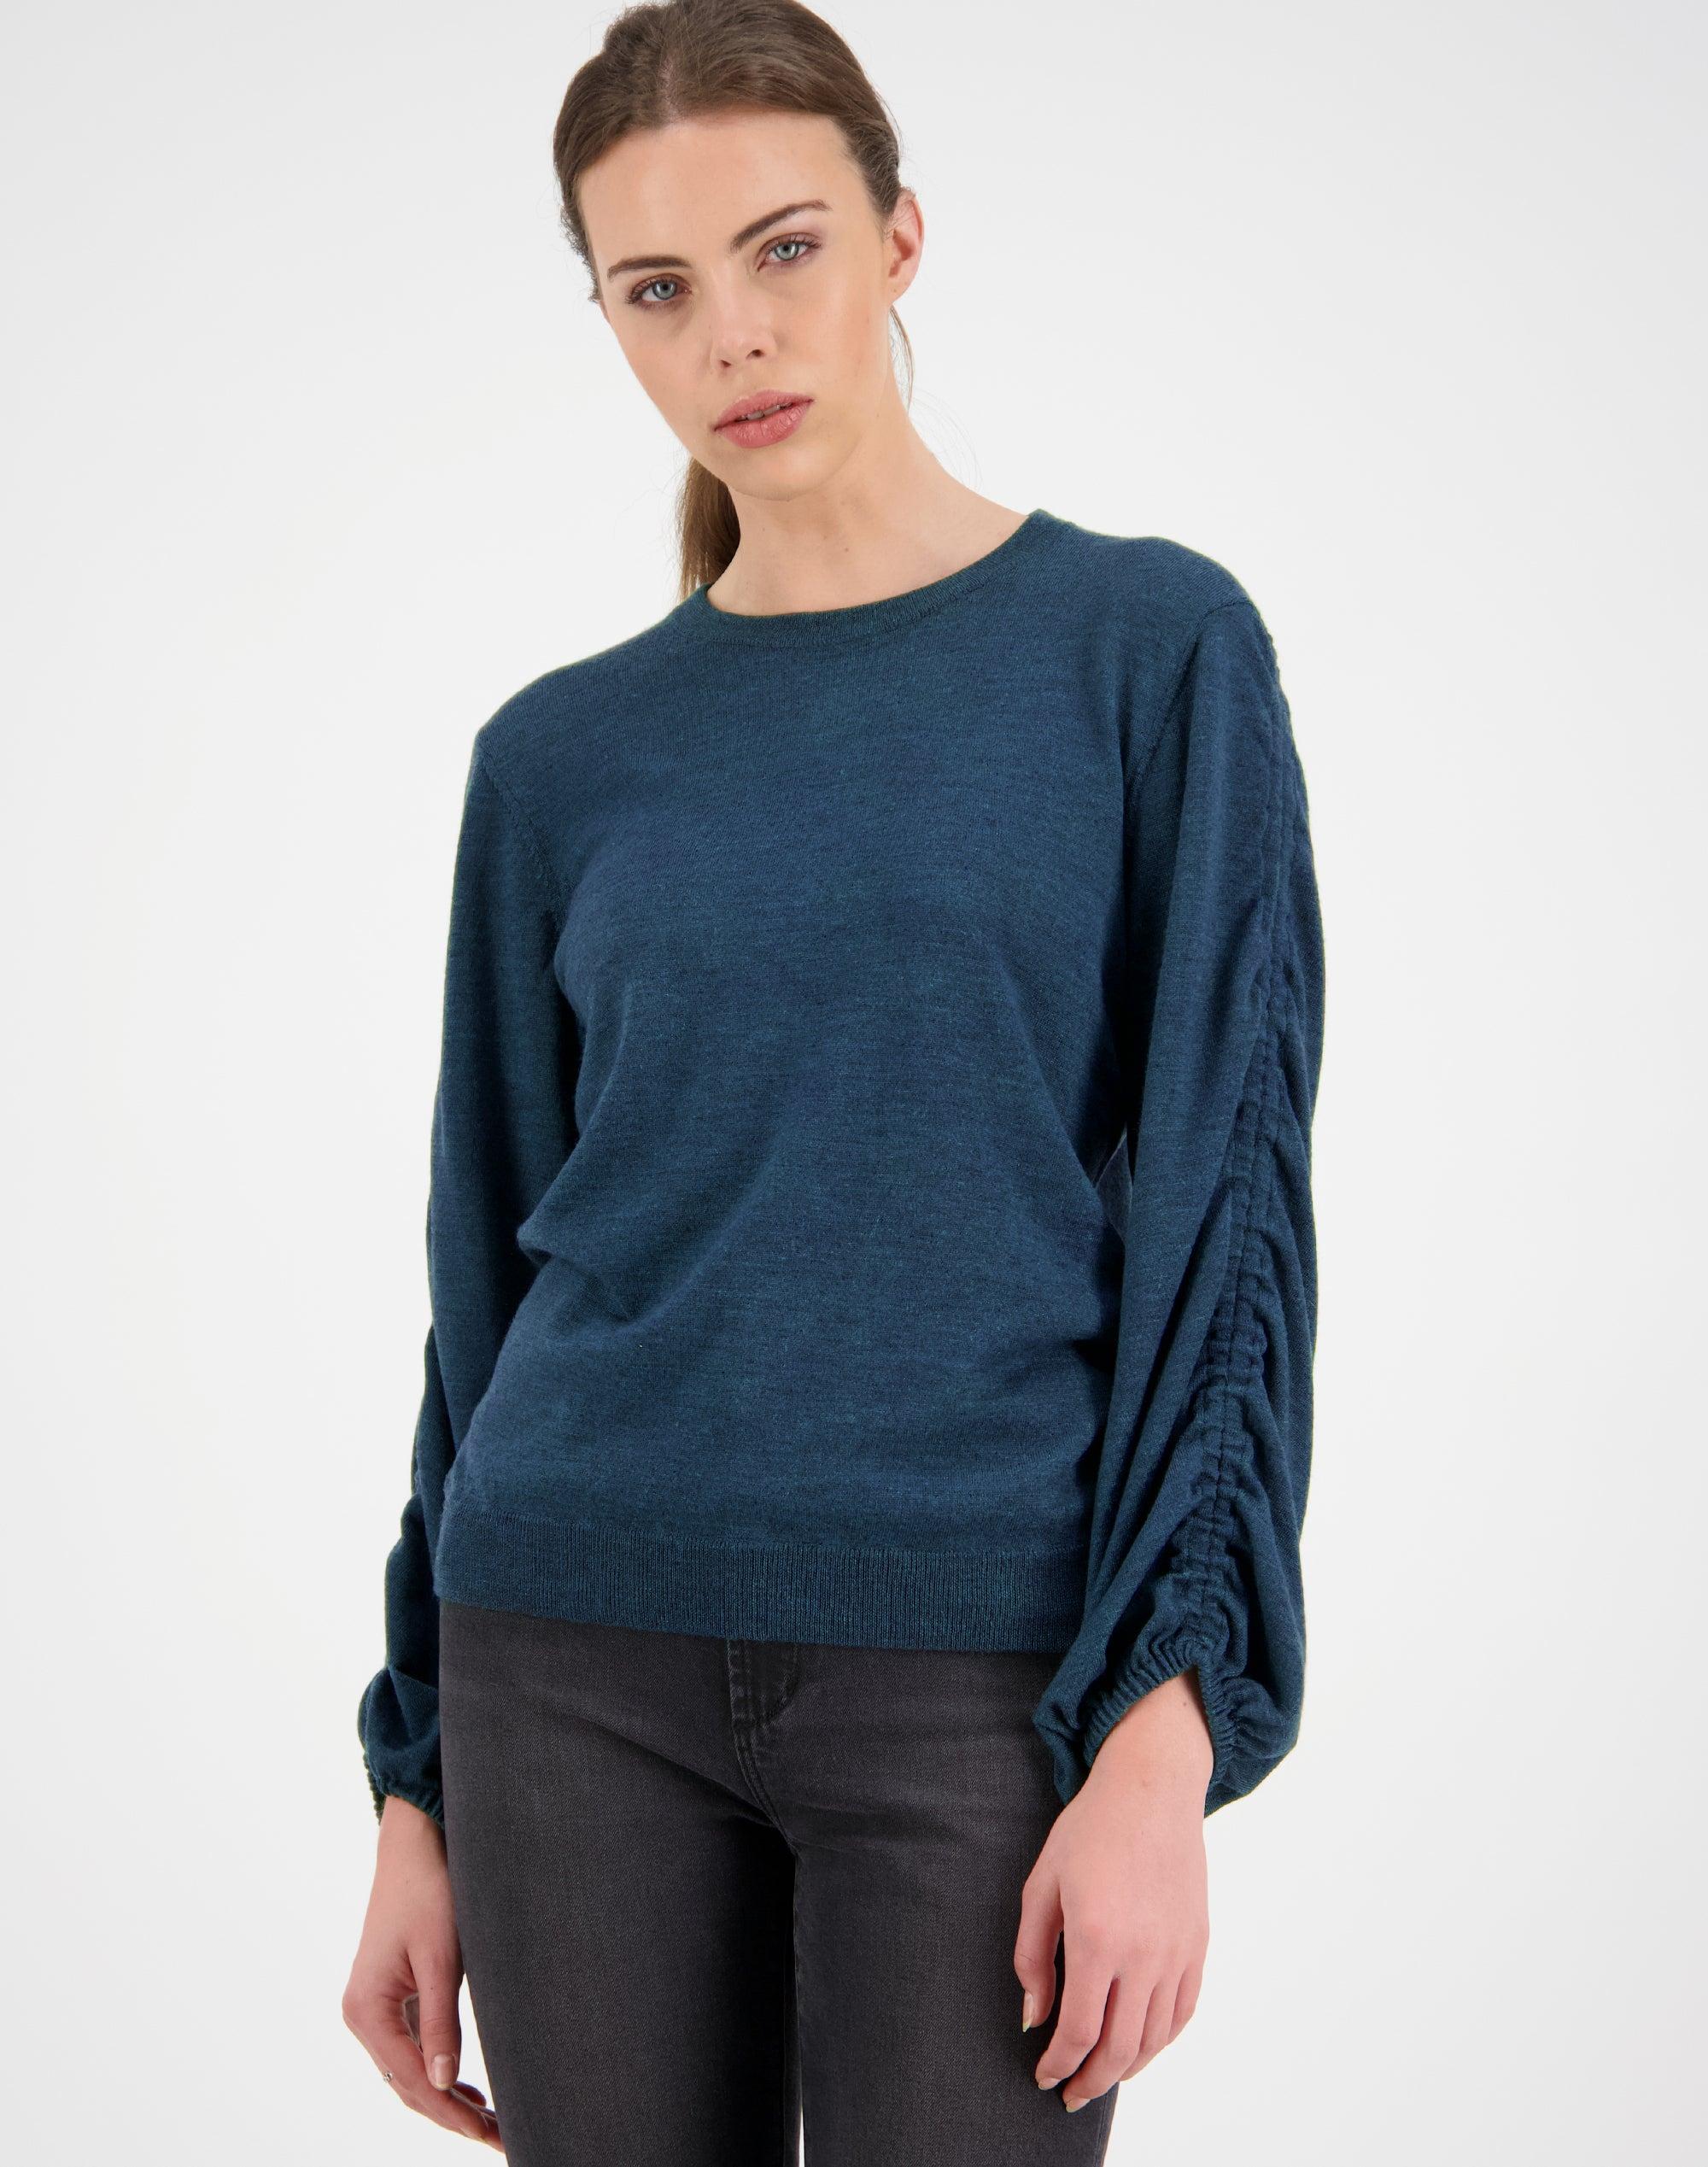 Billow Merino Sweater